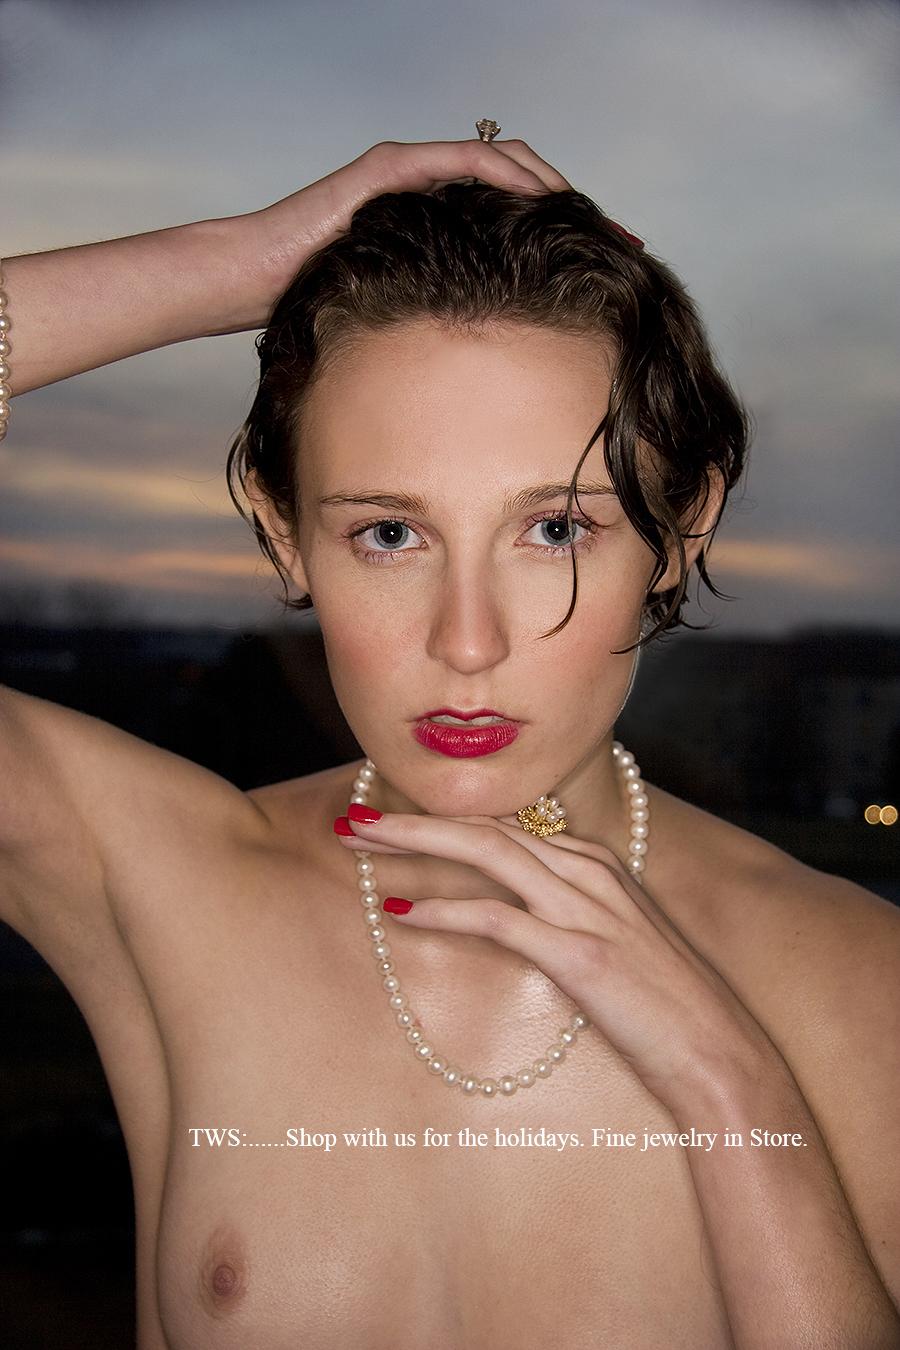 tony_ward_studio_photography_nudes_fashion_model_elizabeth_jewelry_xmas_shopping_store